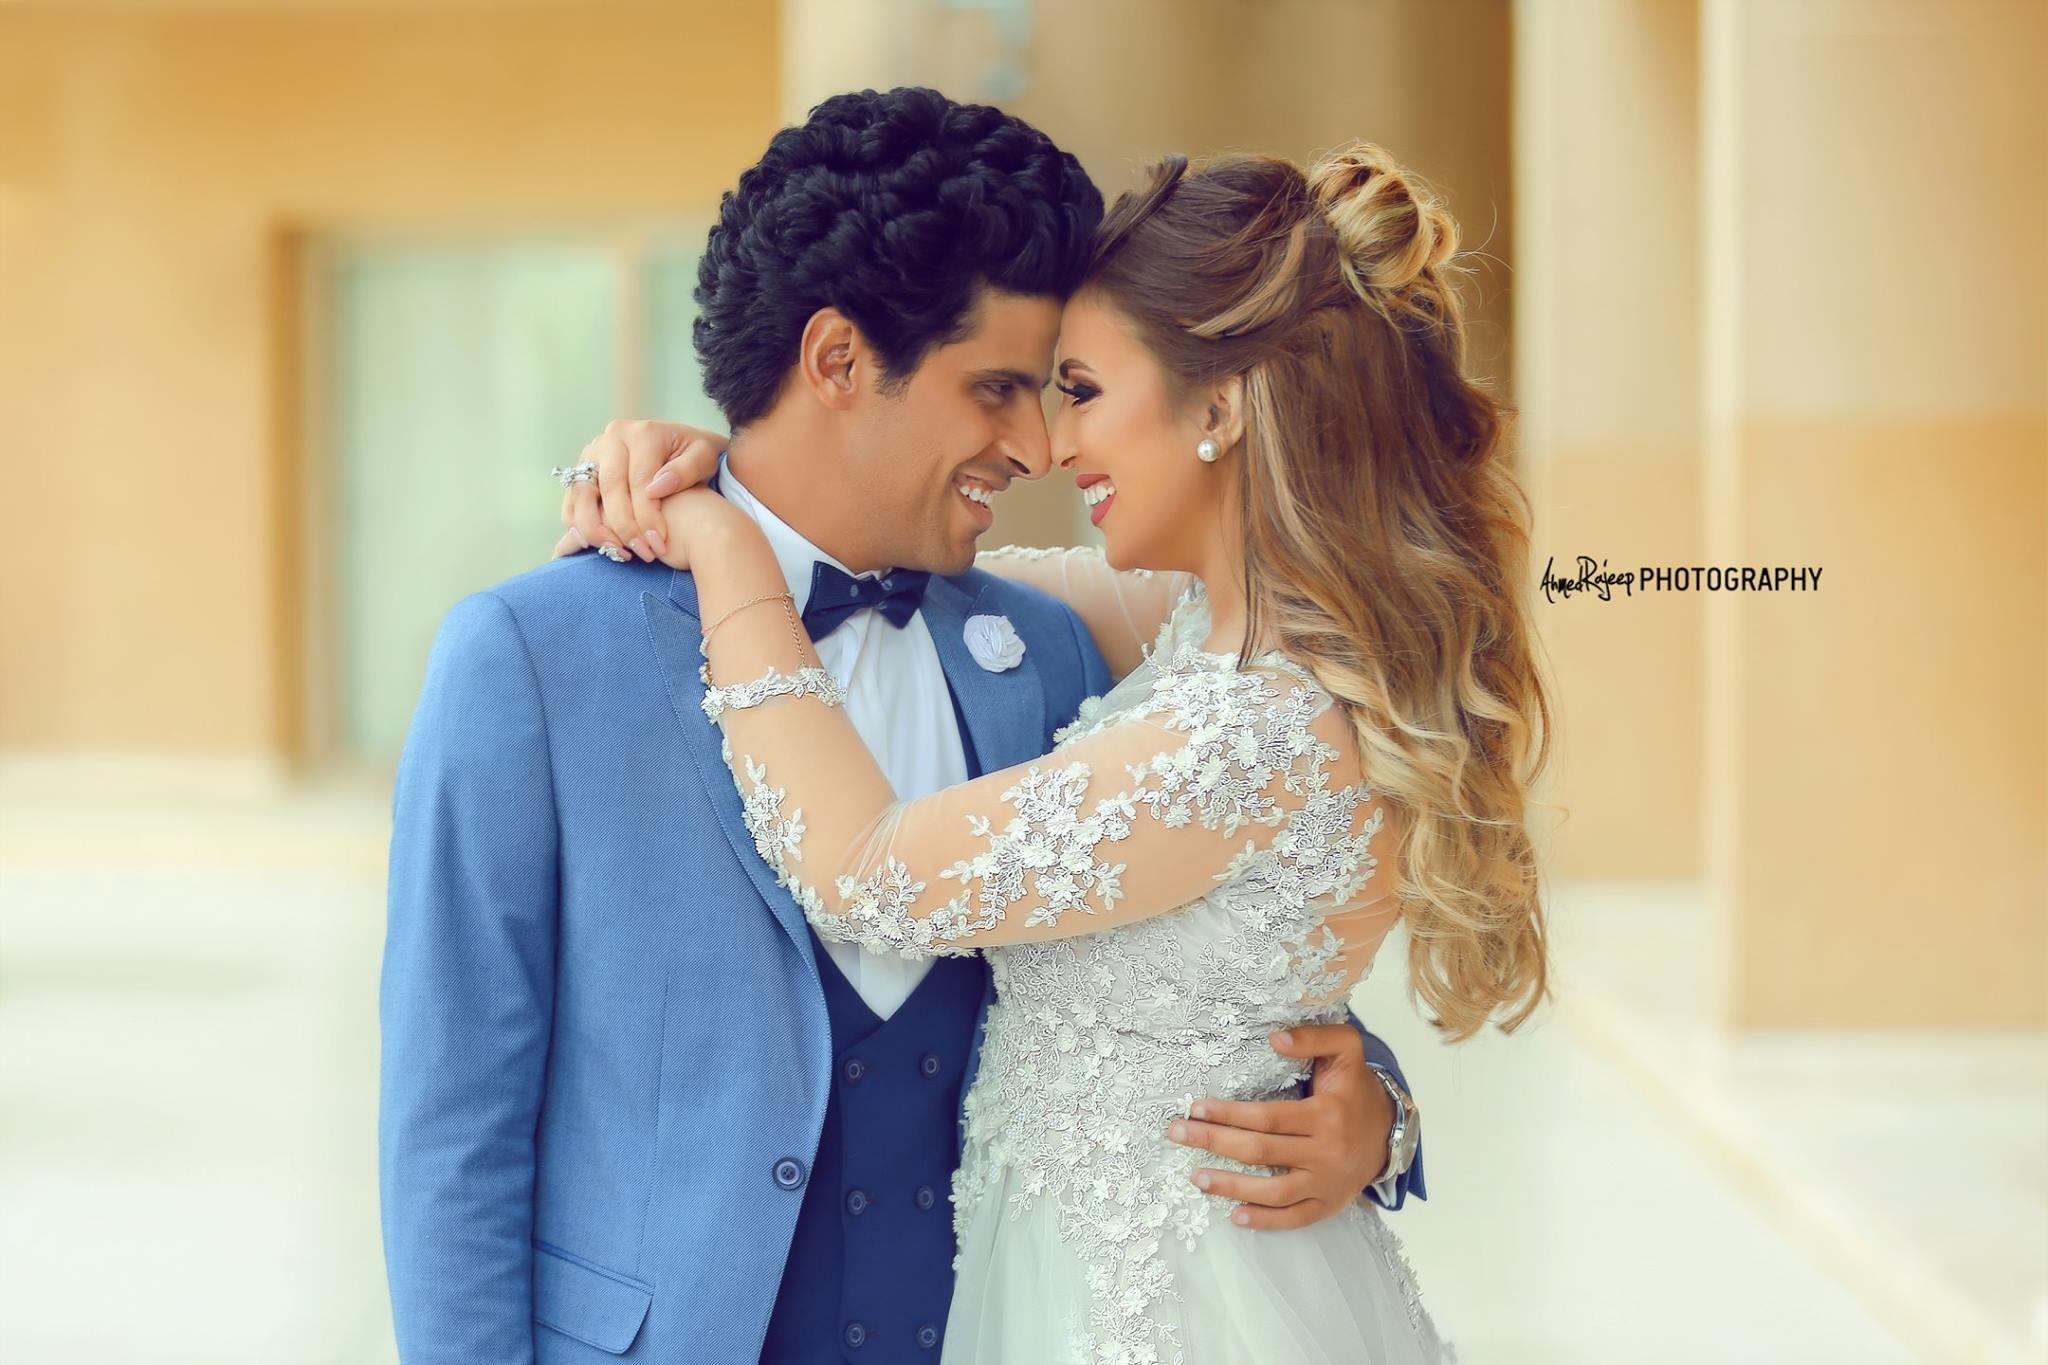 جلسة تصوير حفل زفاف حمدى الميرغنى واسراء عبد الفتاح (13)